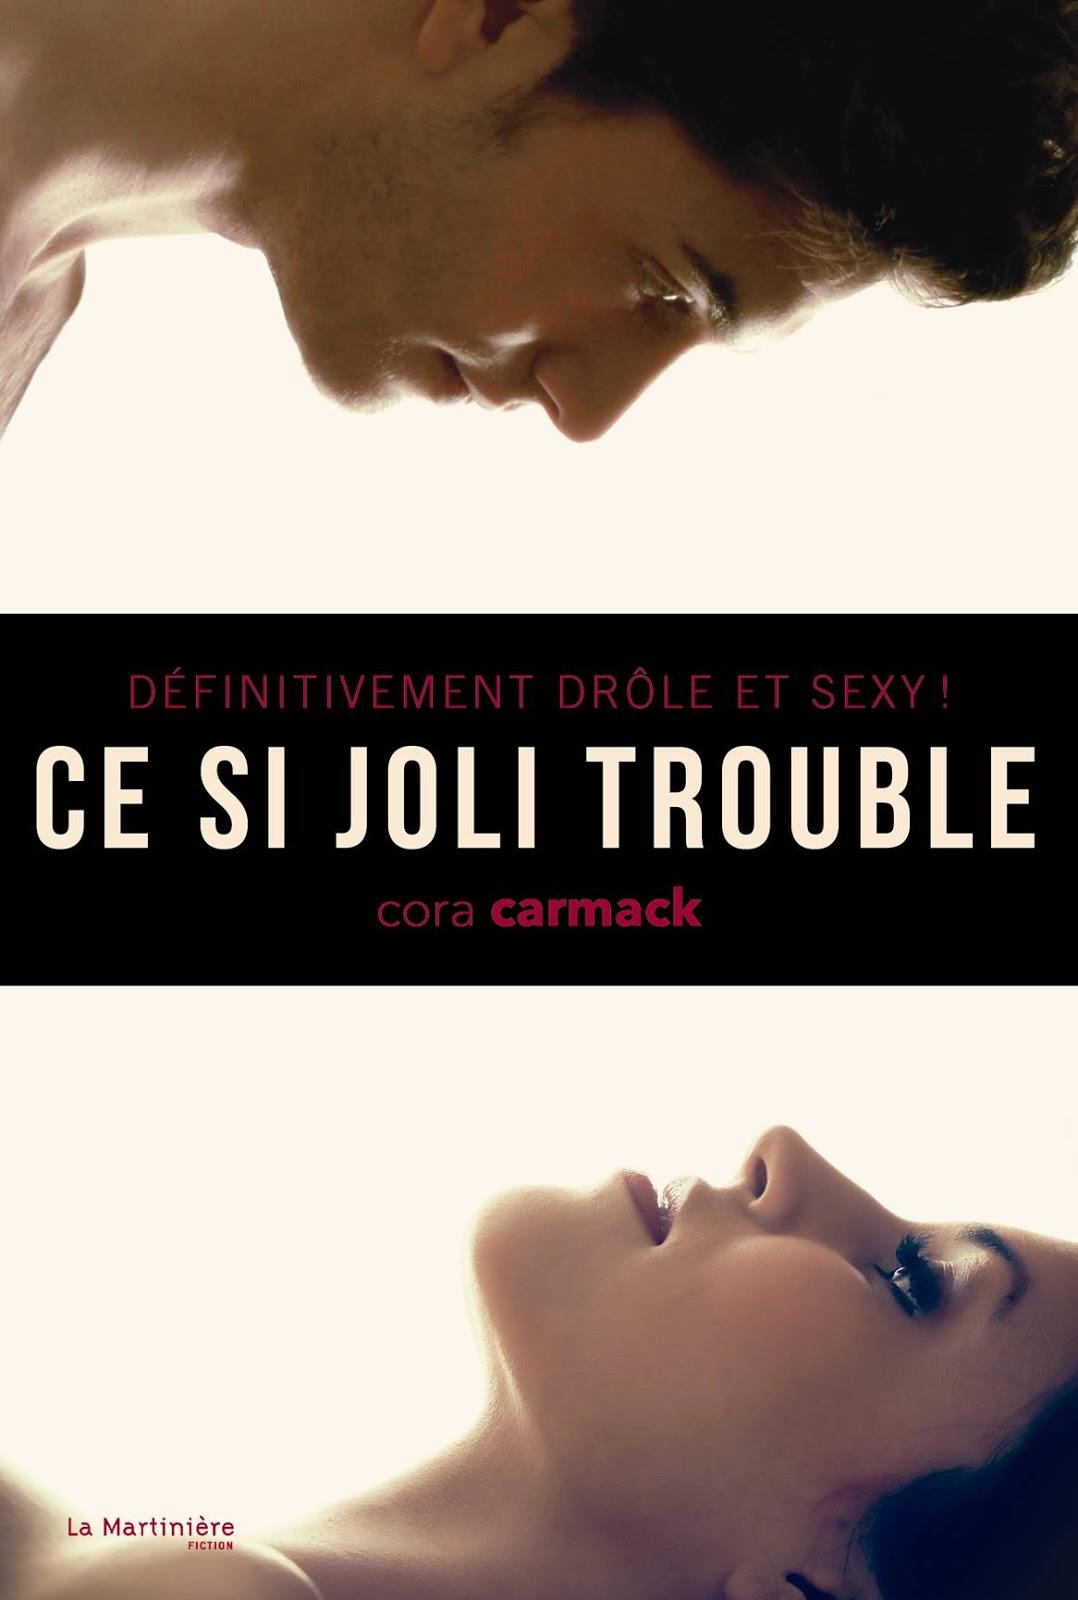 http://plume-de-chat.blogspot.com/2015/01/ce-si-joli-trouble-cora-carmack.html